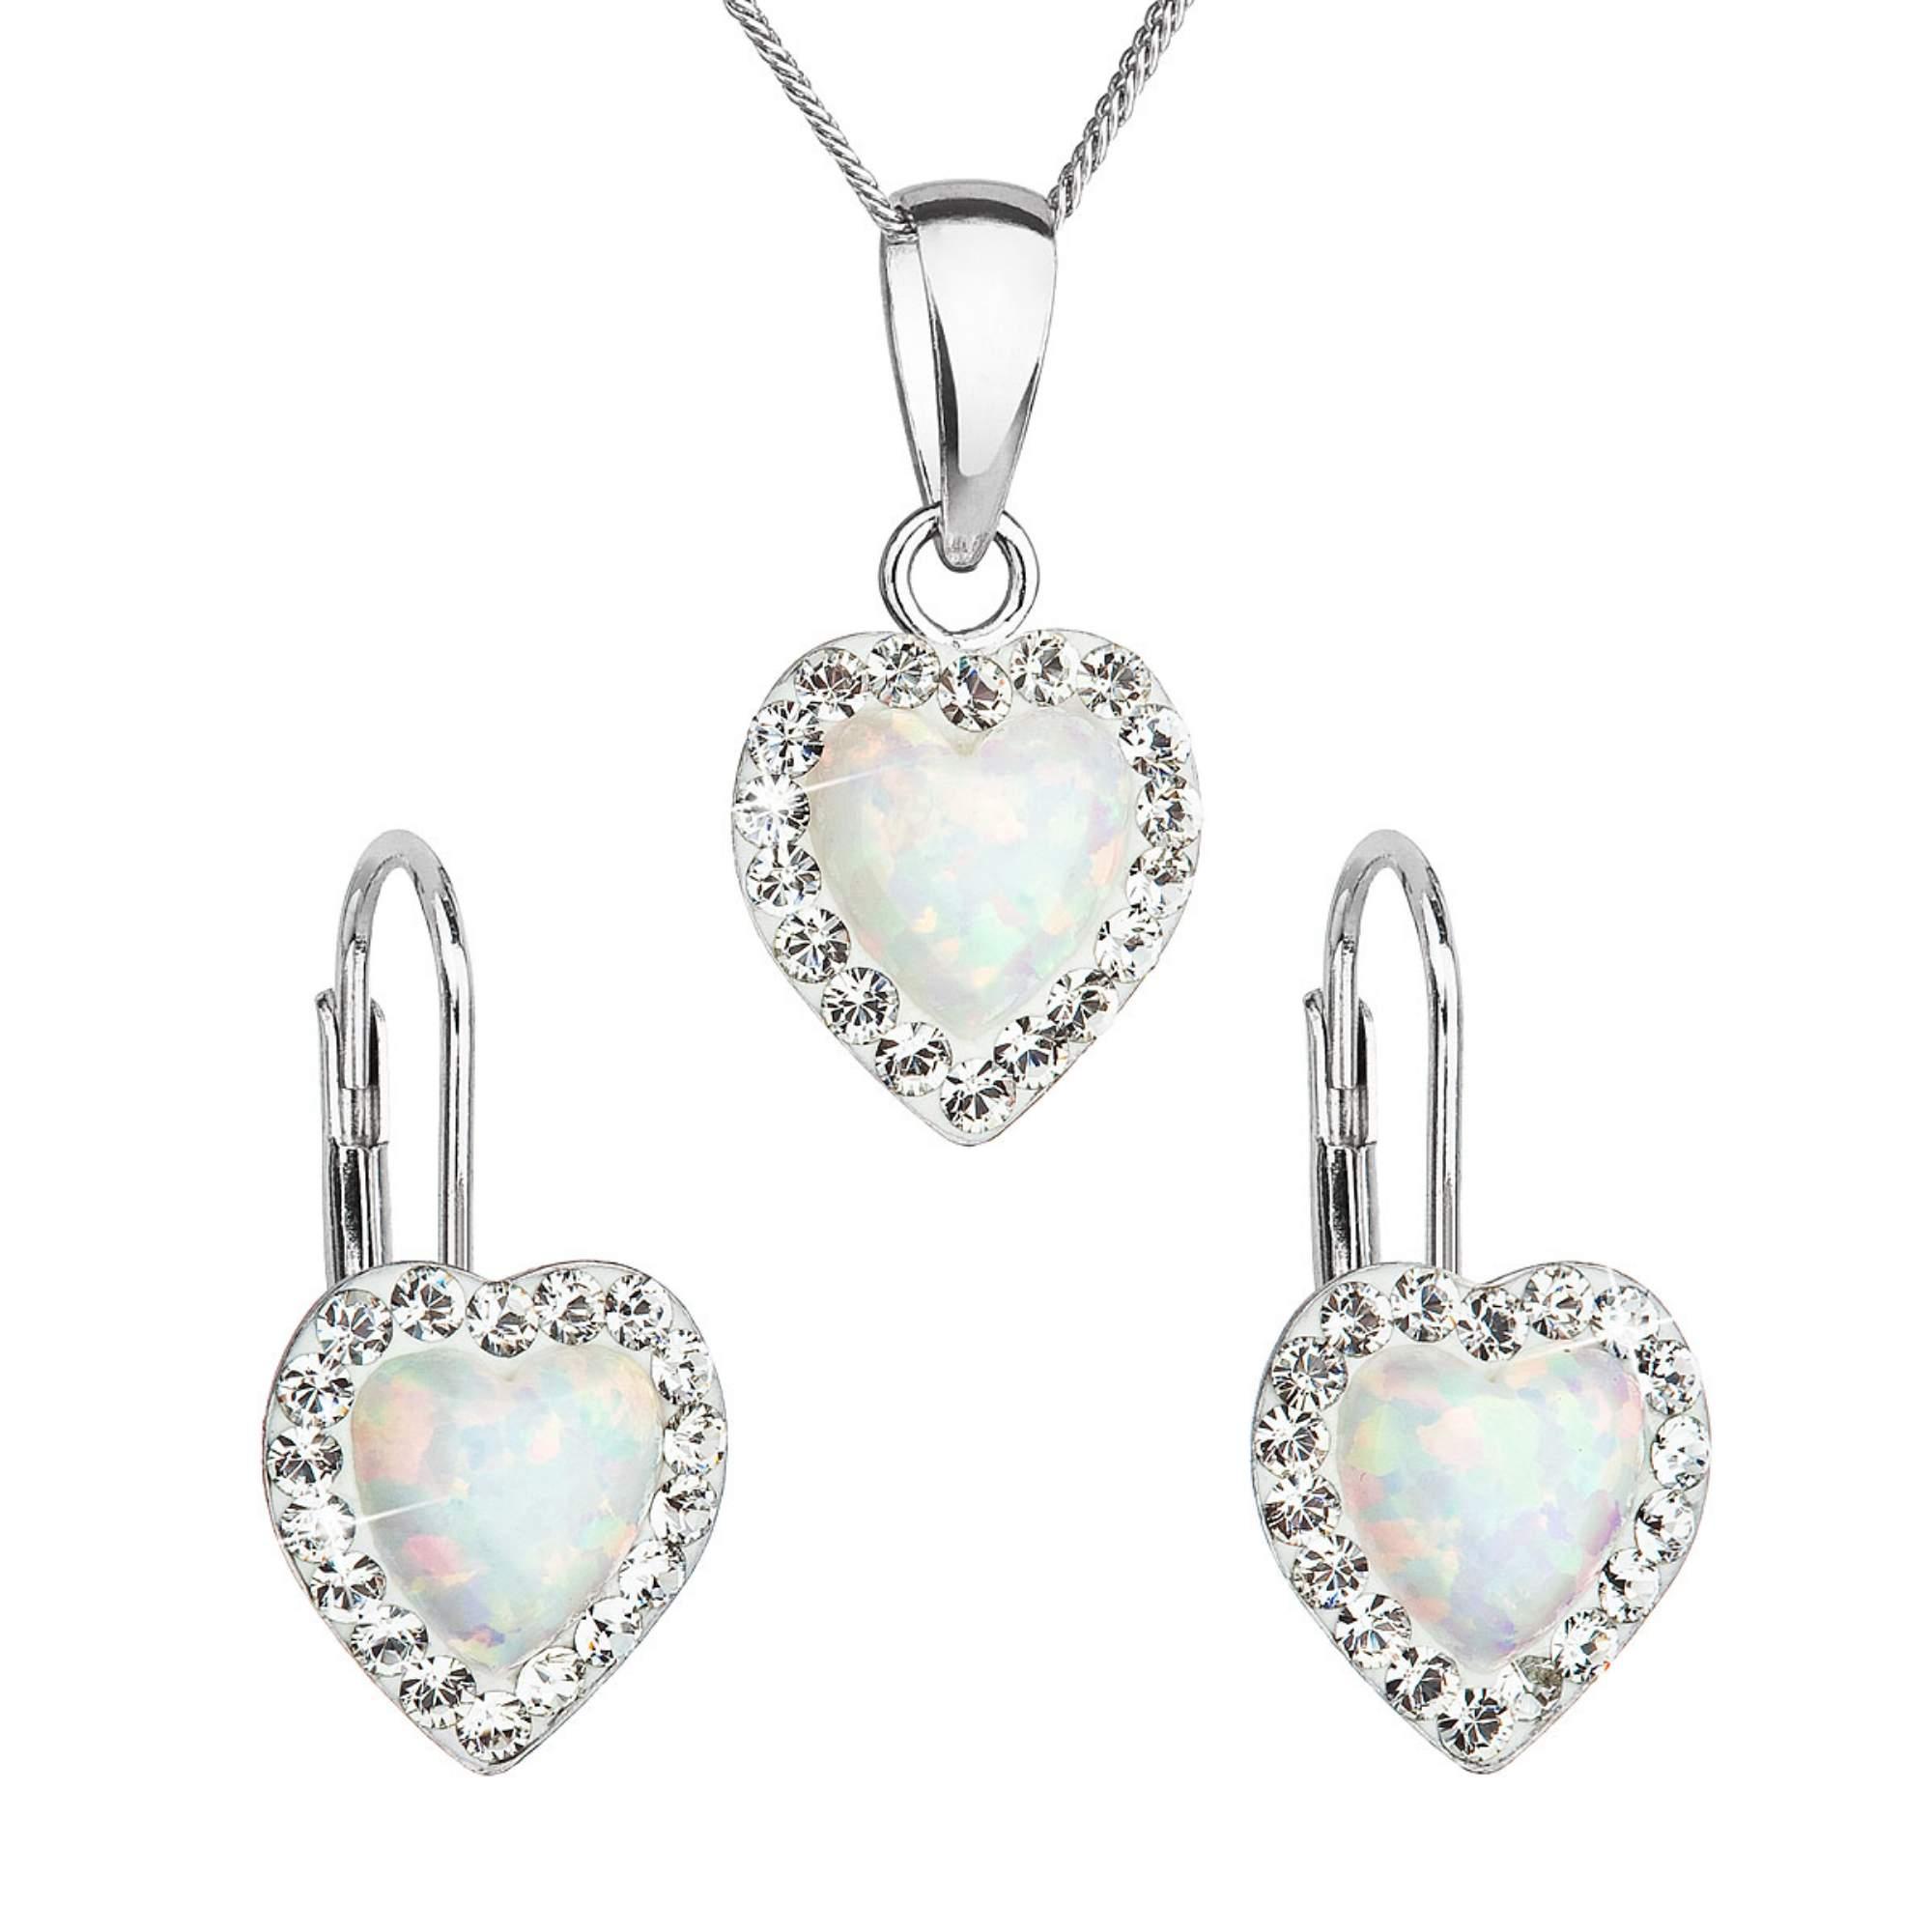 Sada šperků se syntetickým opálem a krystaly Swarovski náušnice a přívěšek bílé srdce 39161.1